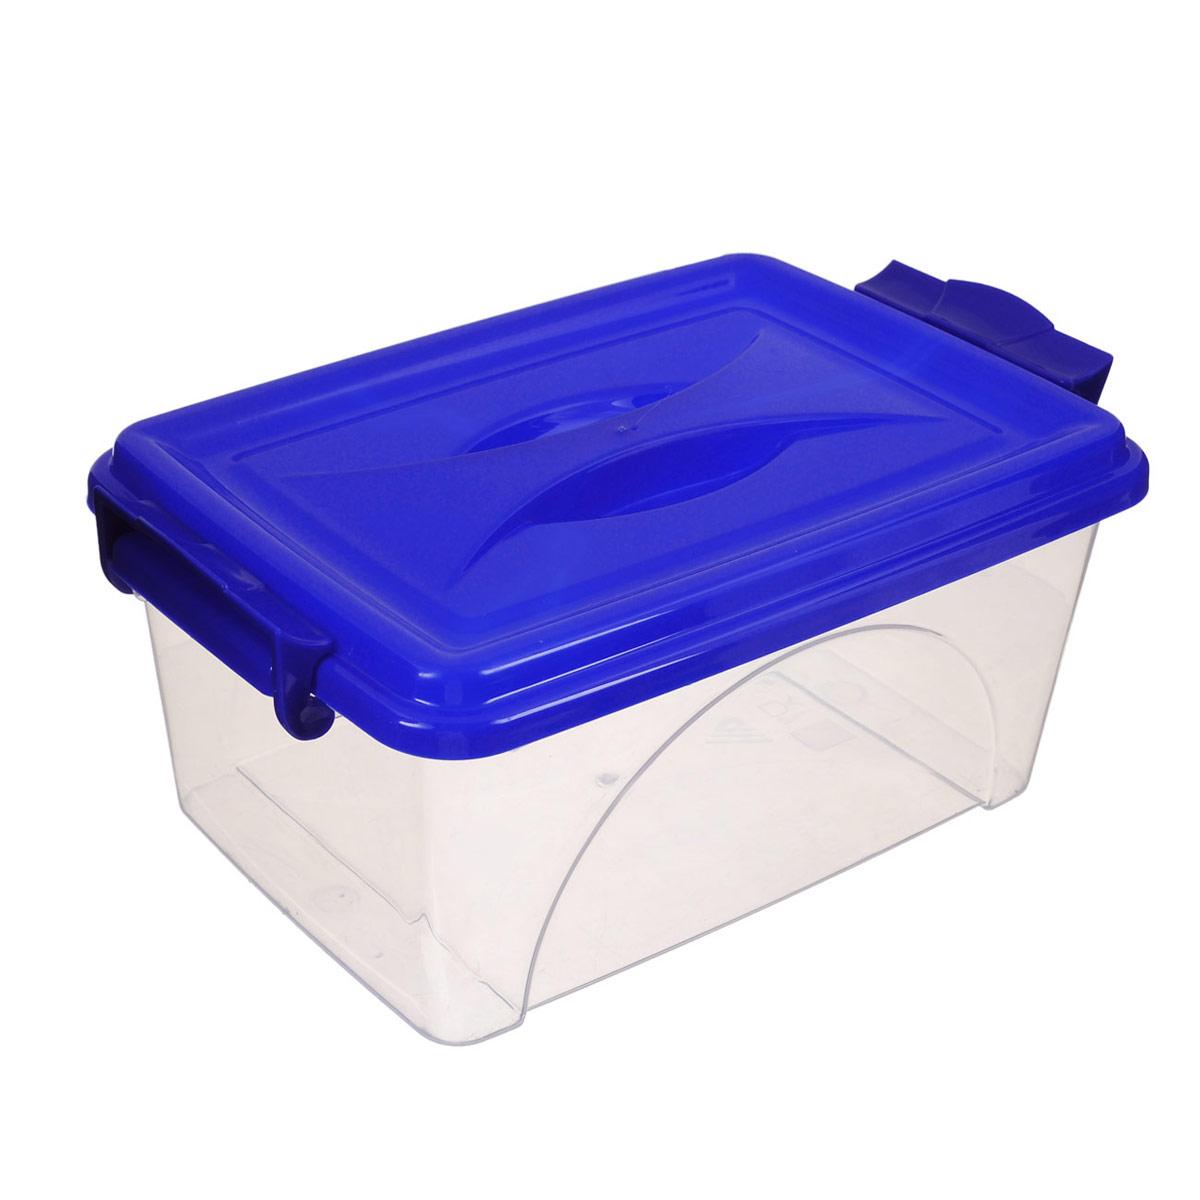 Контейнер Альтернатива, цвет: синий, 2,5 лUP210DFКонтейнер Альтернатива выполнен из прочного пластика. Он предназначен для хранения различных мелких вещей. Крышка легко открывается и плотно закрывается. Прозрачные стенки позволяют видеть содержимое. По бокам предусмотрены две удобные ручки, с помощью которых контейнер закрывается.Контейнер поможет хранить все в одном месте, а также защитить вещи от пыли, грязи и влаги.